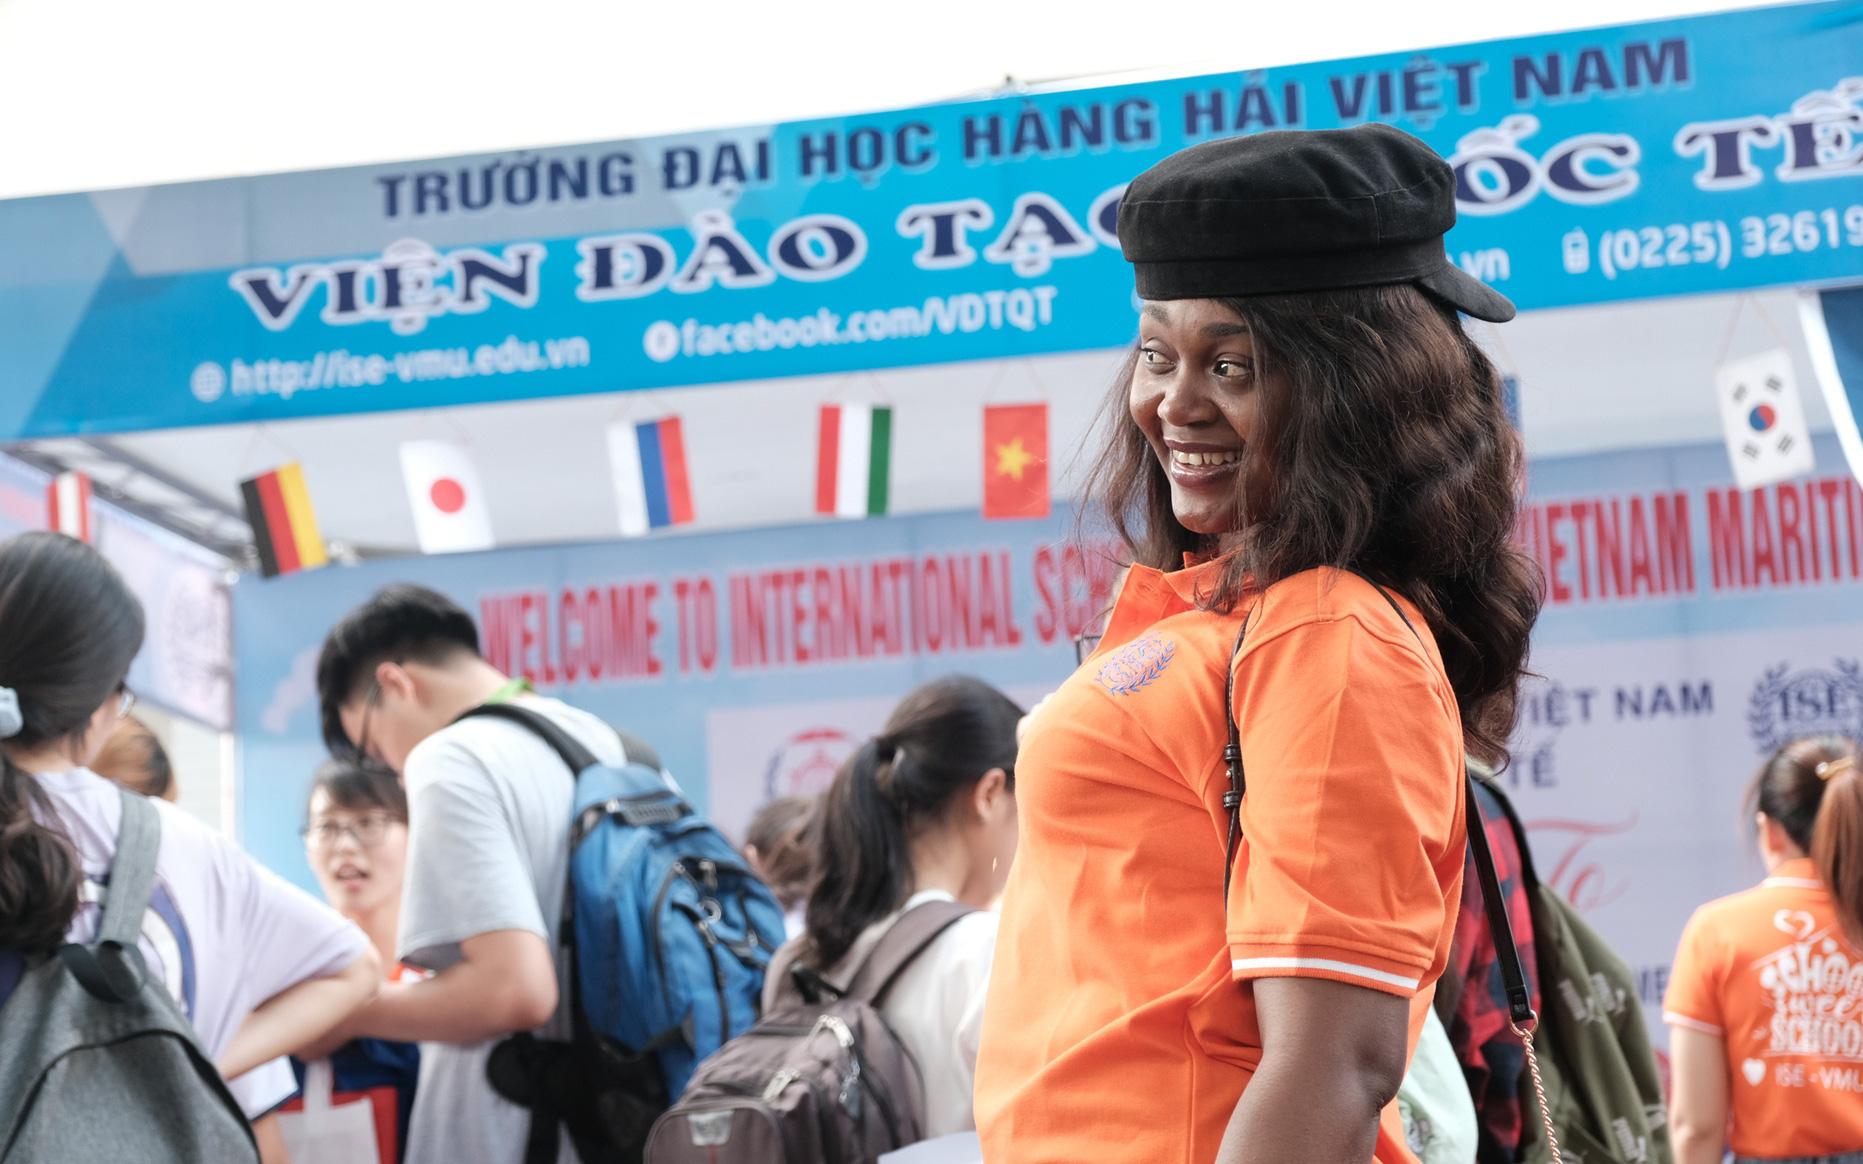 Bất ngờ vì sinh viên nước ngoài đi tư vấn tuyển sinh